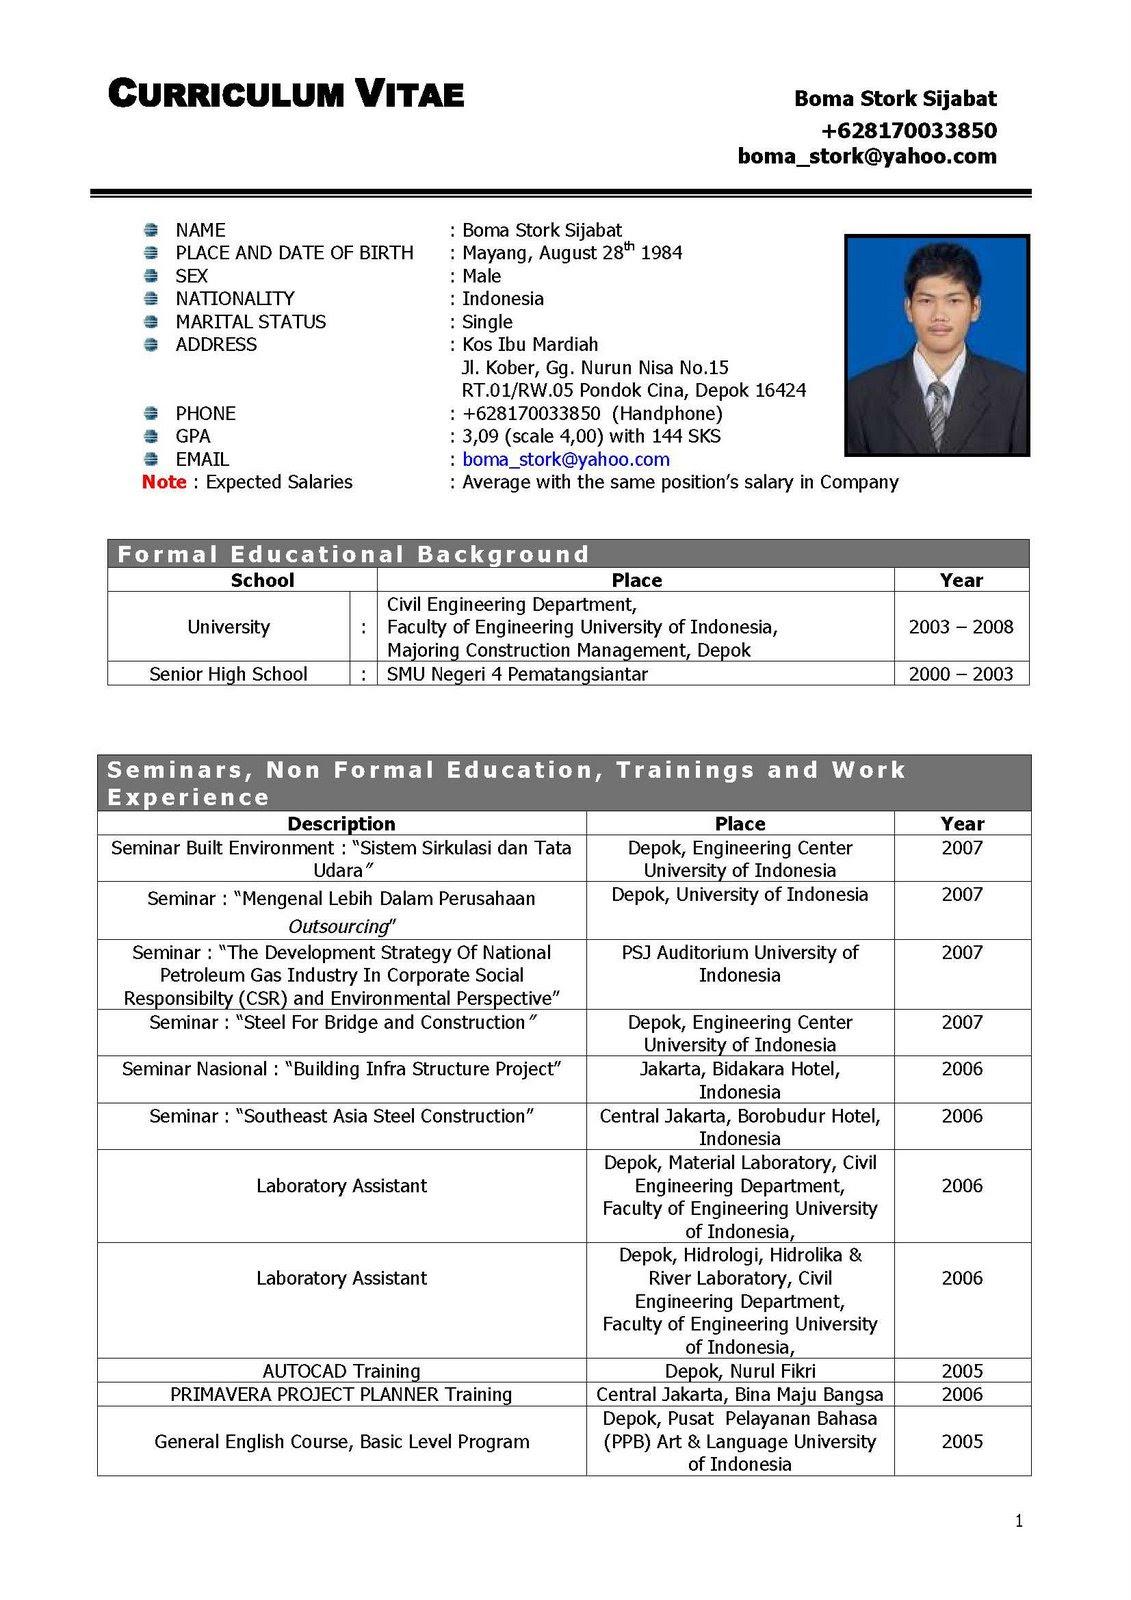 Contoh Curriculum Vitae Yang Benar Dalam Bahasa Inggris Best Resume Examples